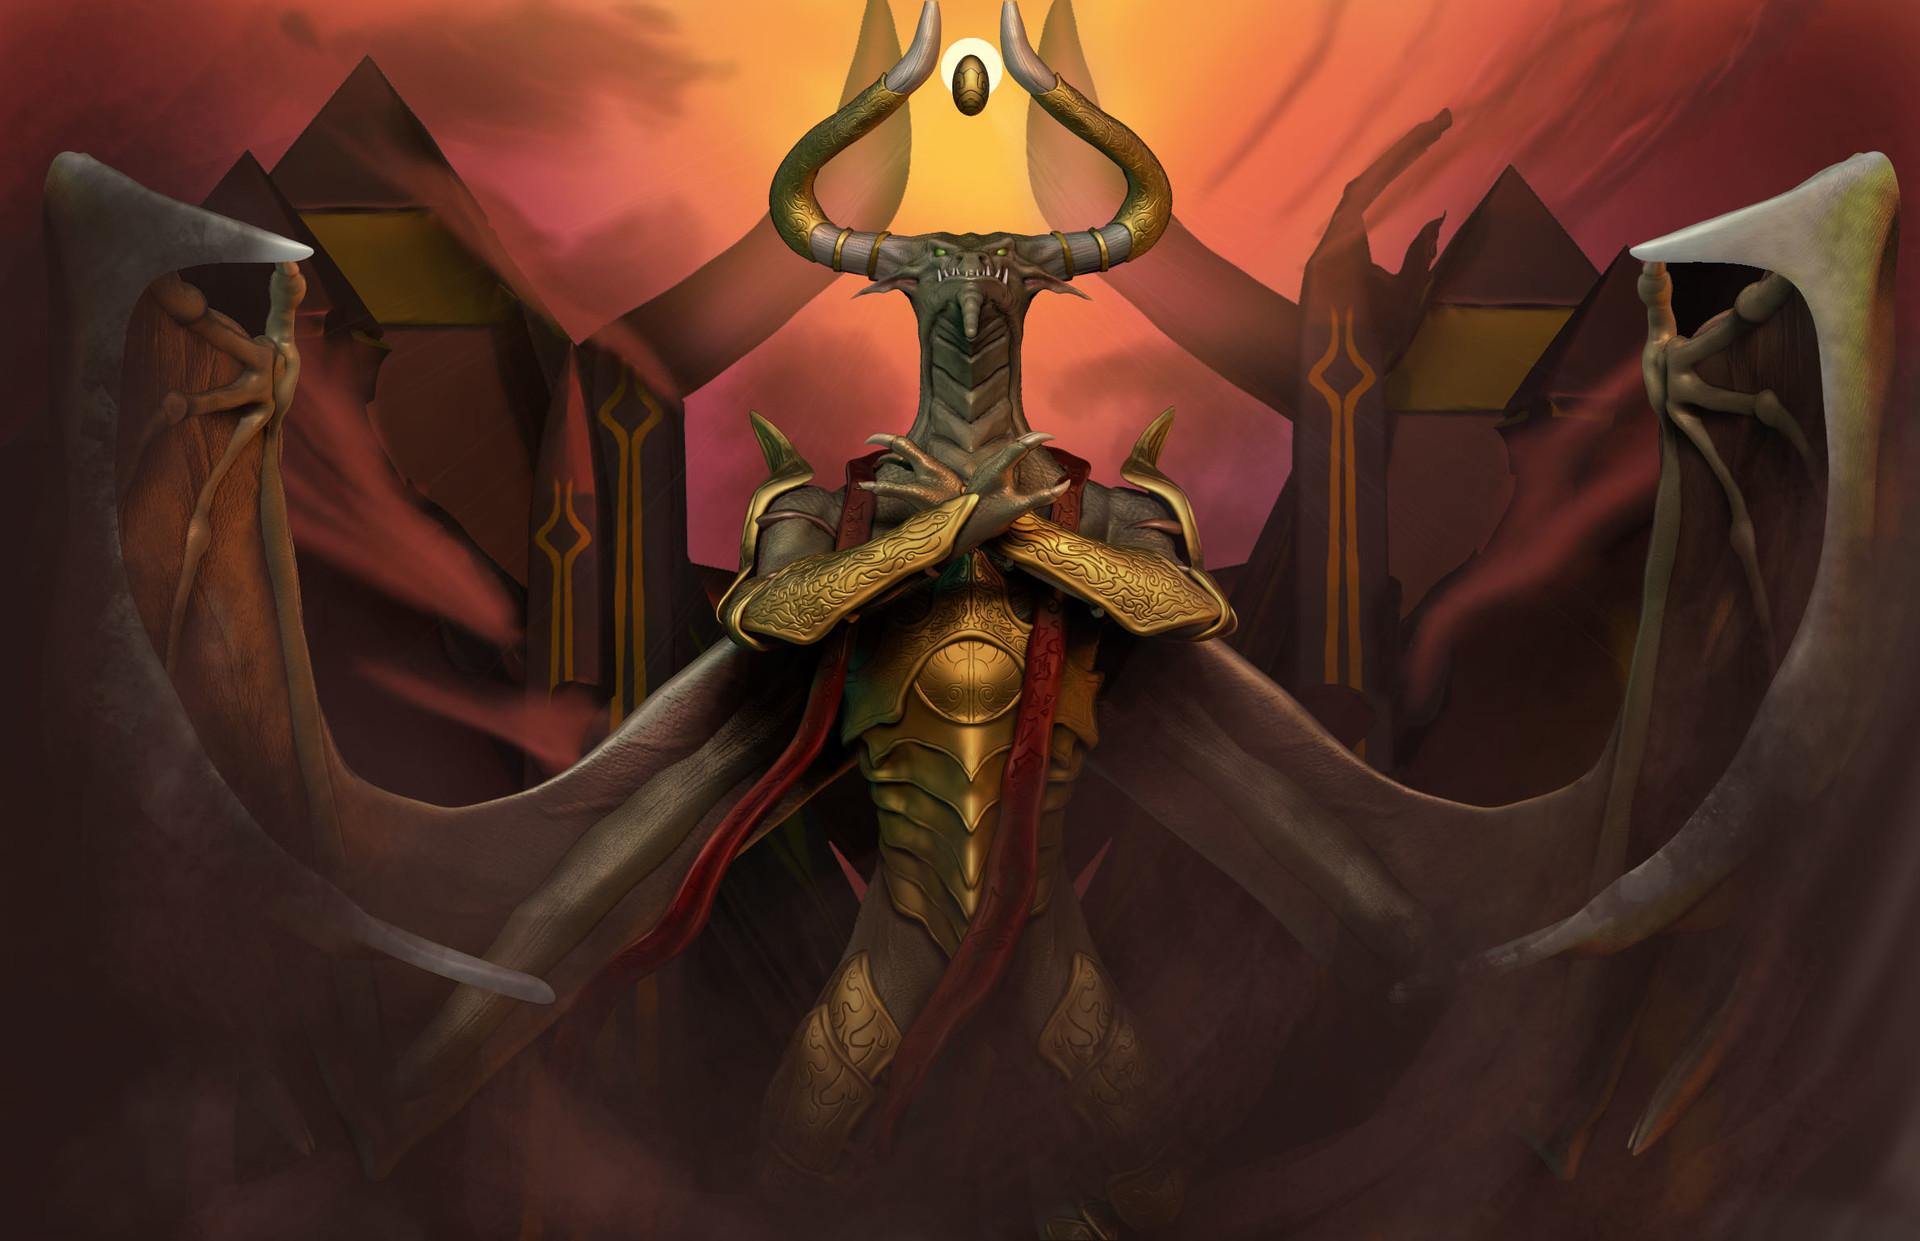 Artstation Nicol Bolas God Pharaoh Fanart Magic The